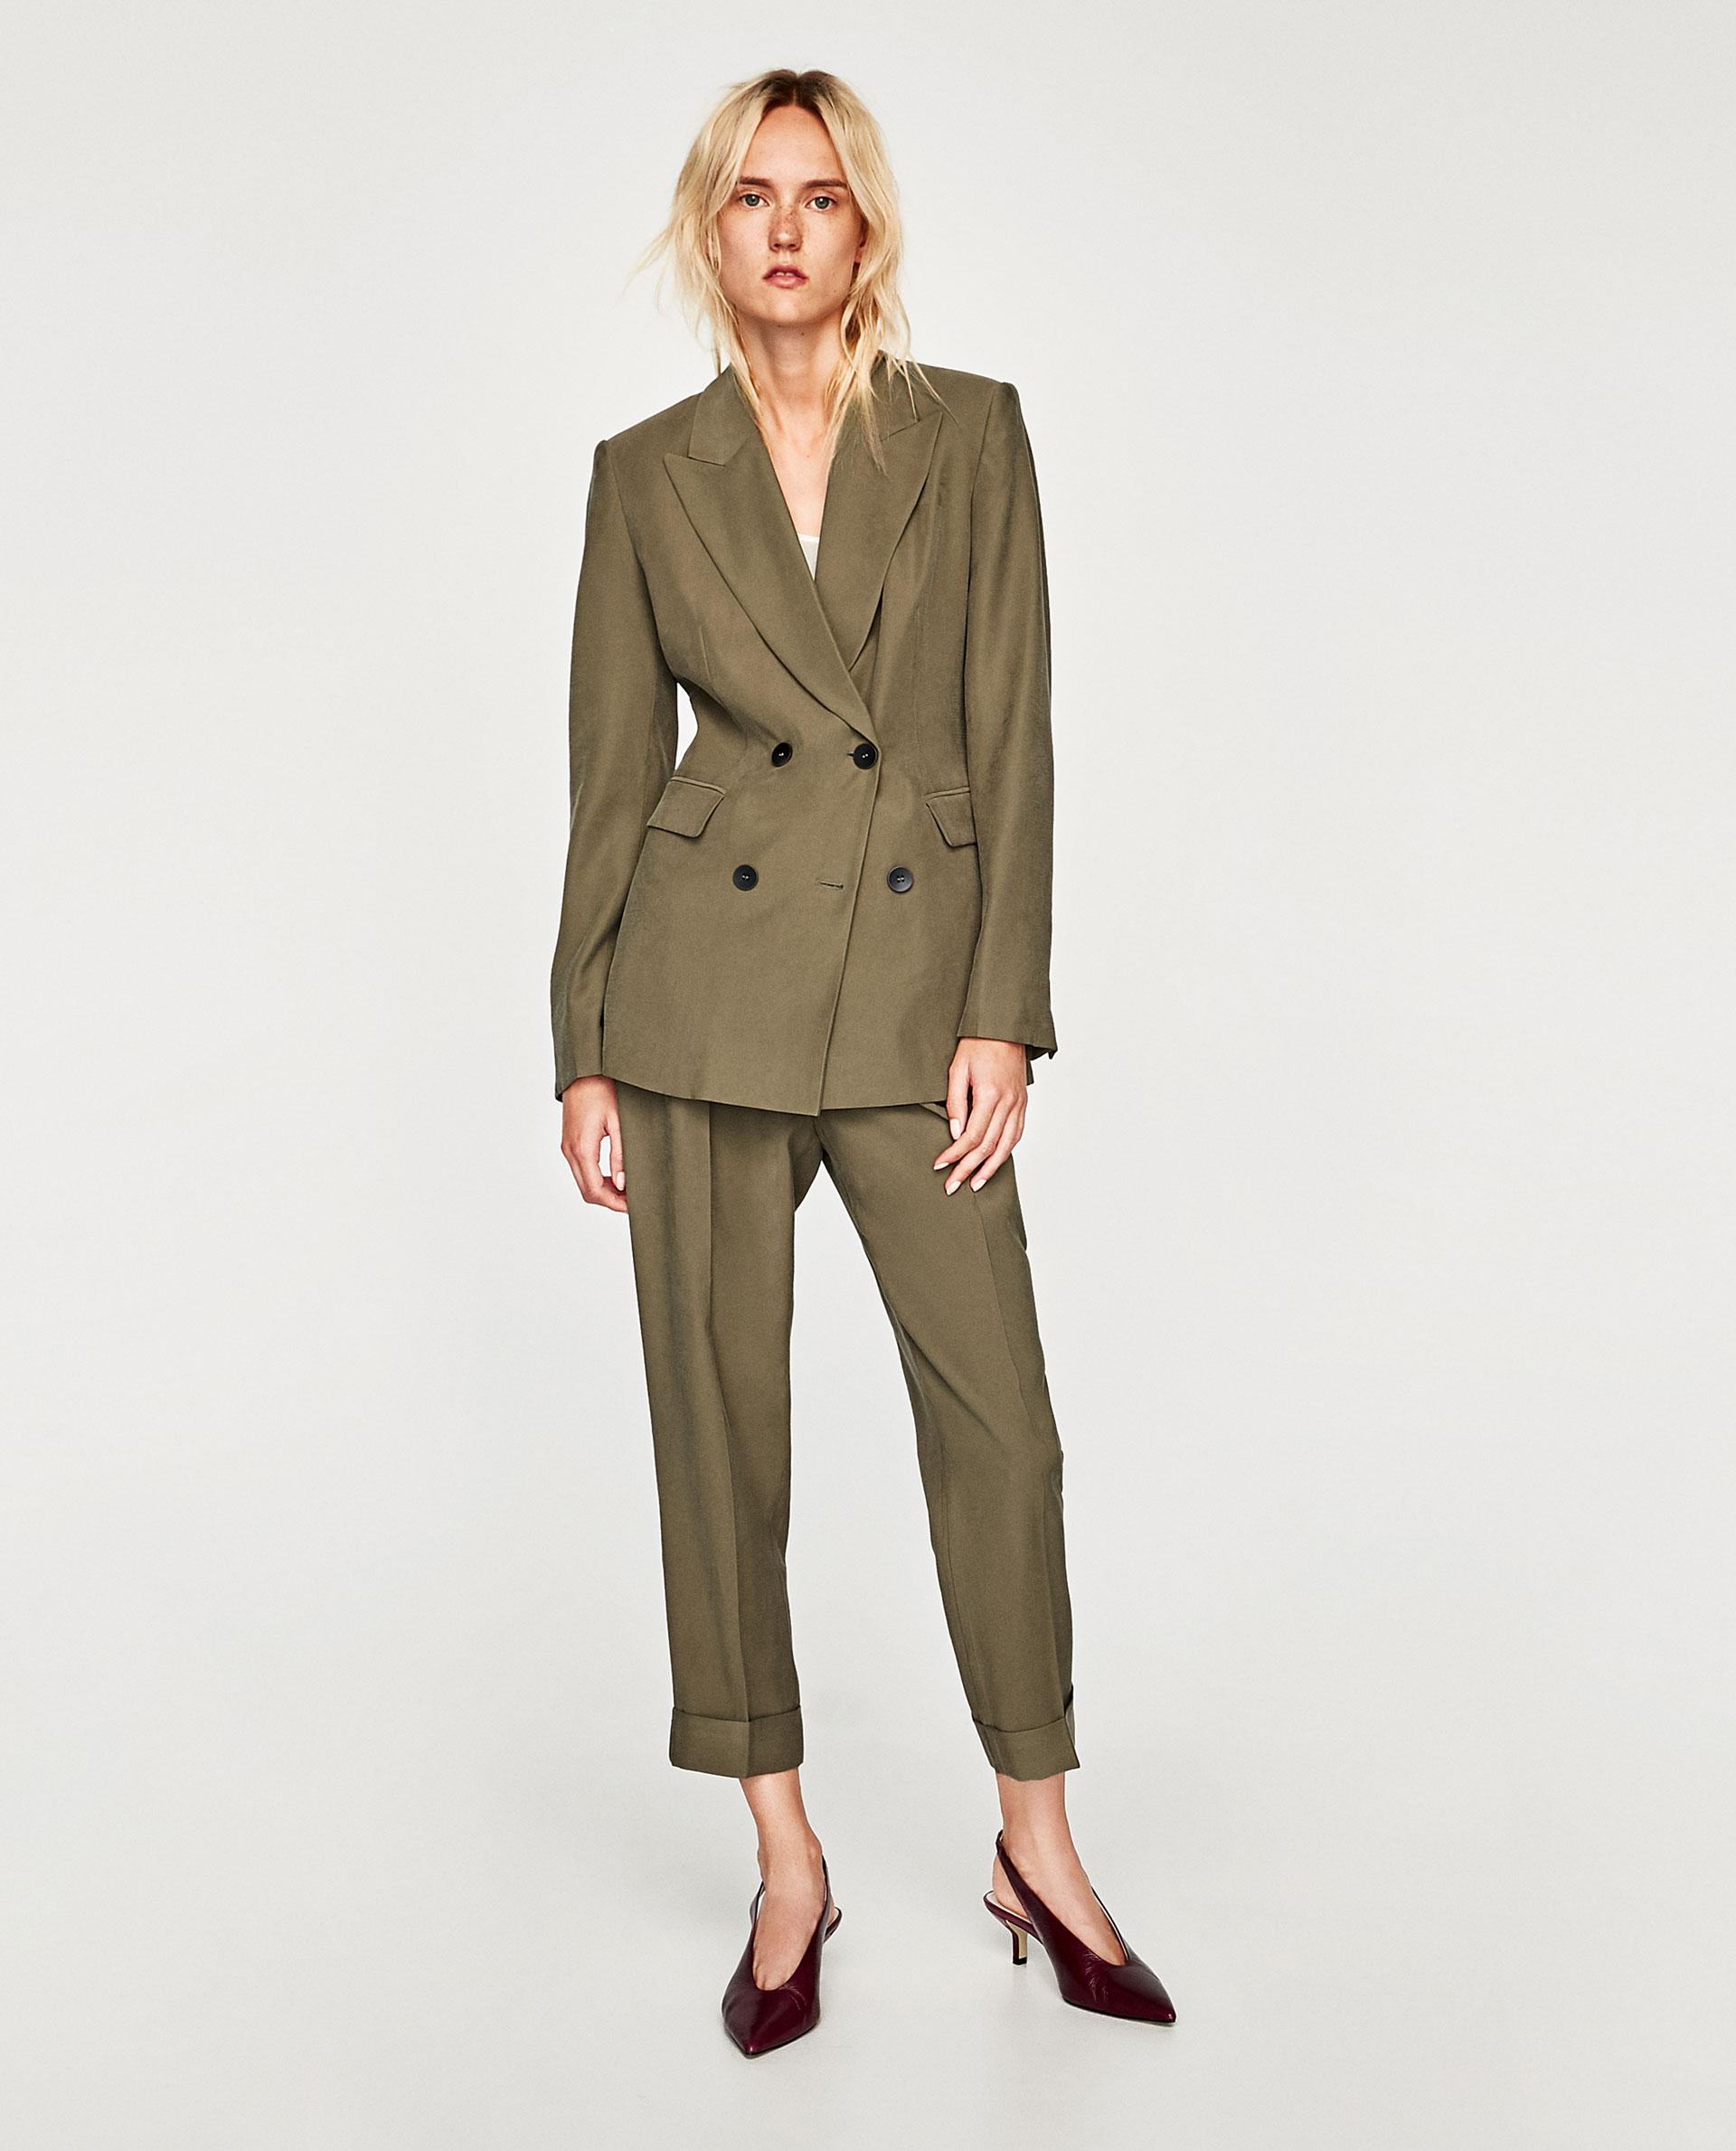 5 x de leukste nieuwe Zara items van vandaag!